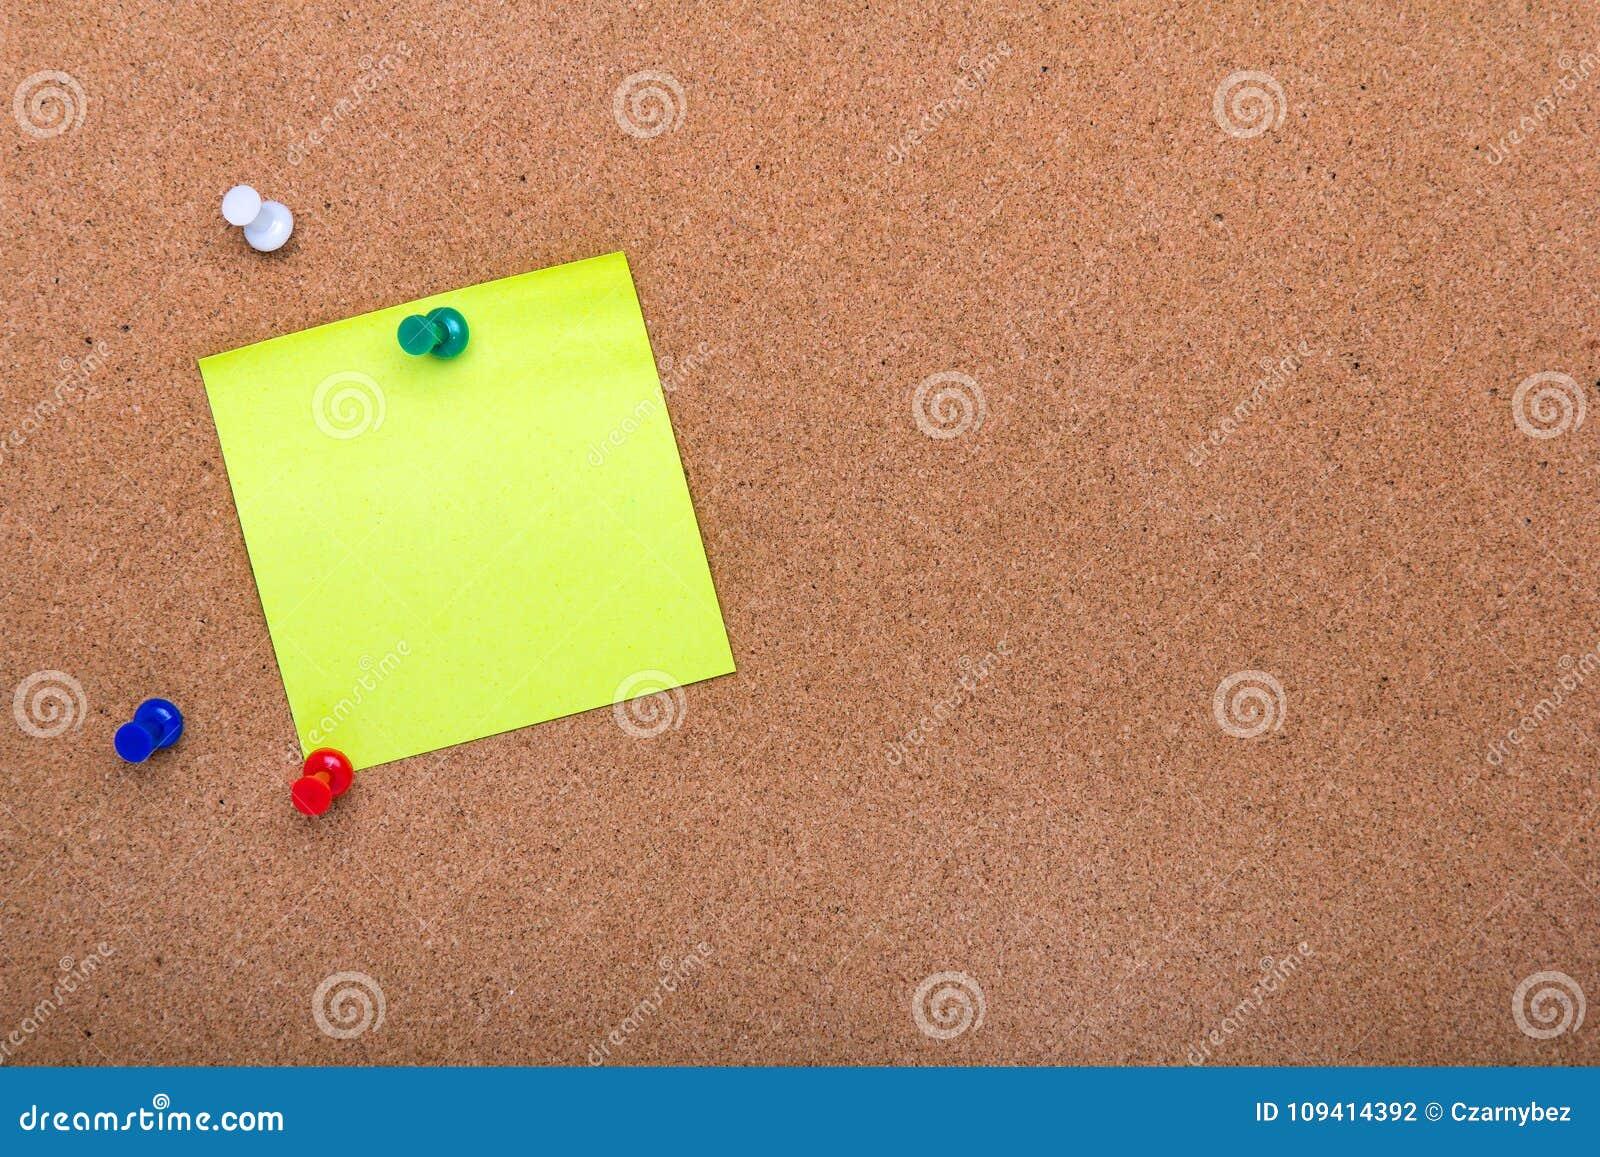 Wałkowa deskowa tekstura dla tła, corolful szpilek i kleistych notatek,